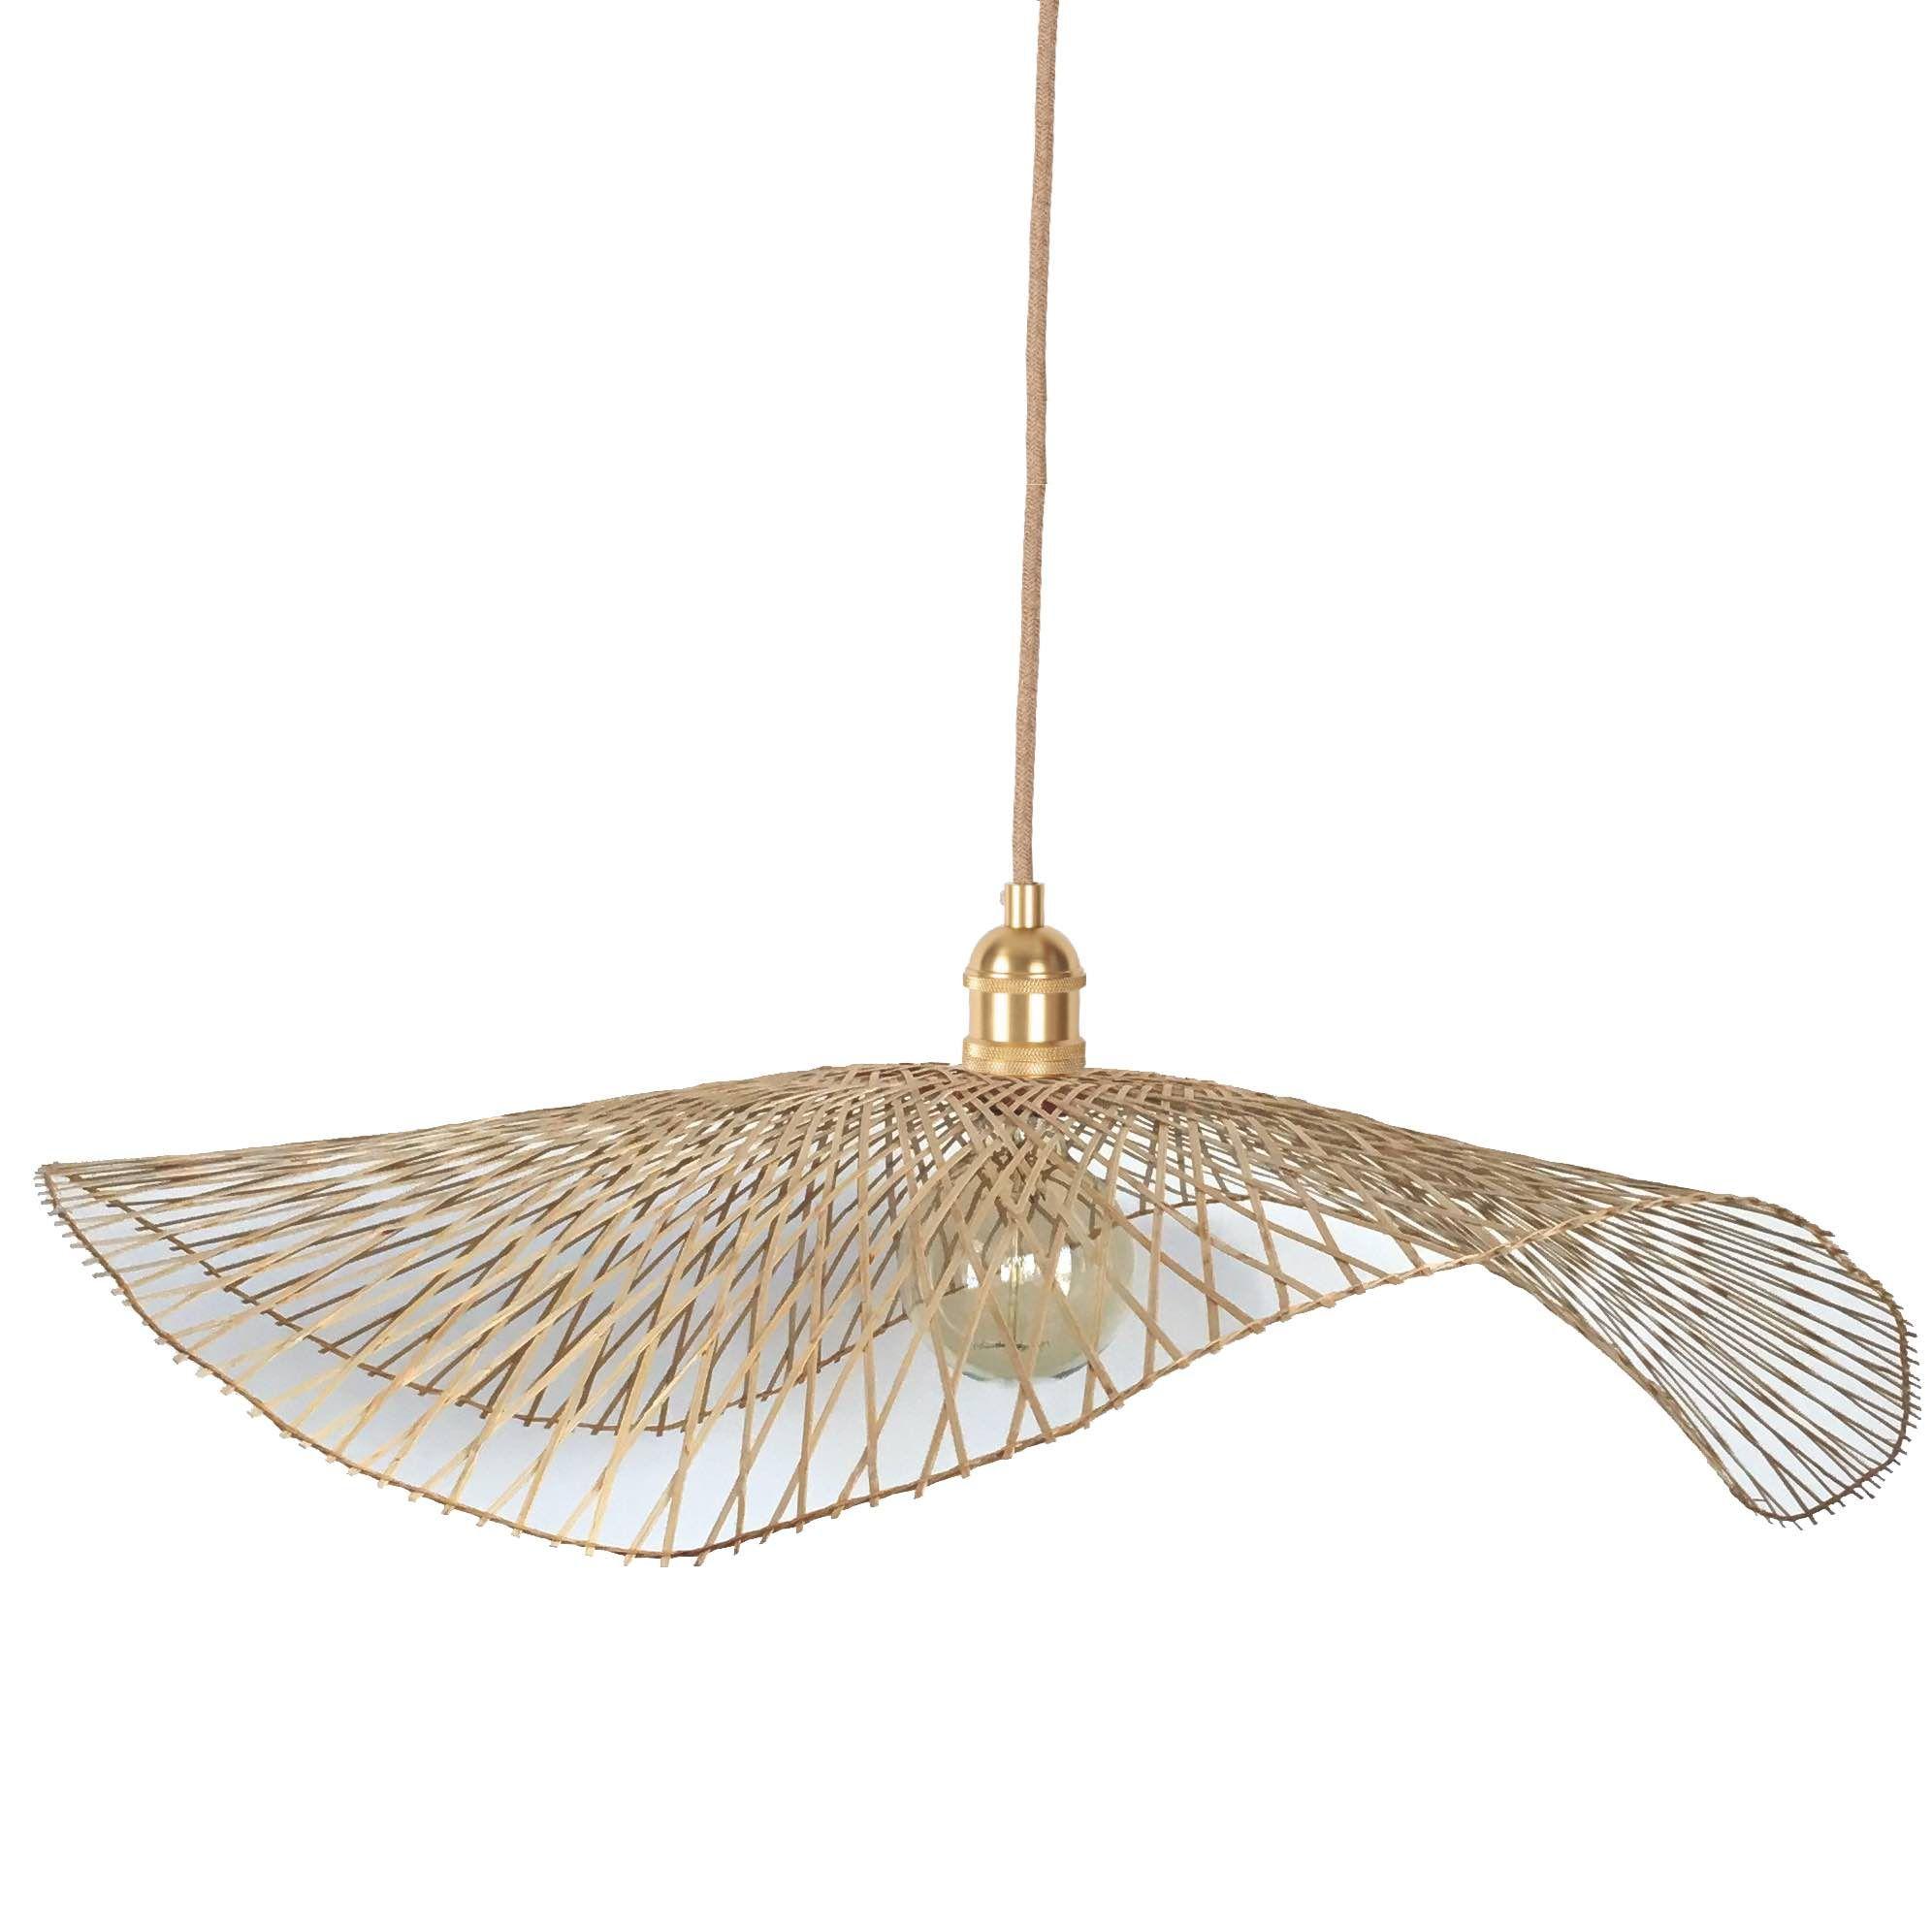 Ampoule Vertigo Petite Friture grand abat-jour en bambou libellule | abat jour, bambou et